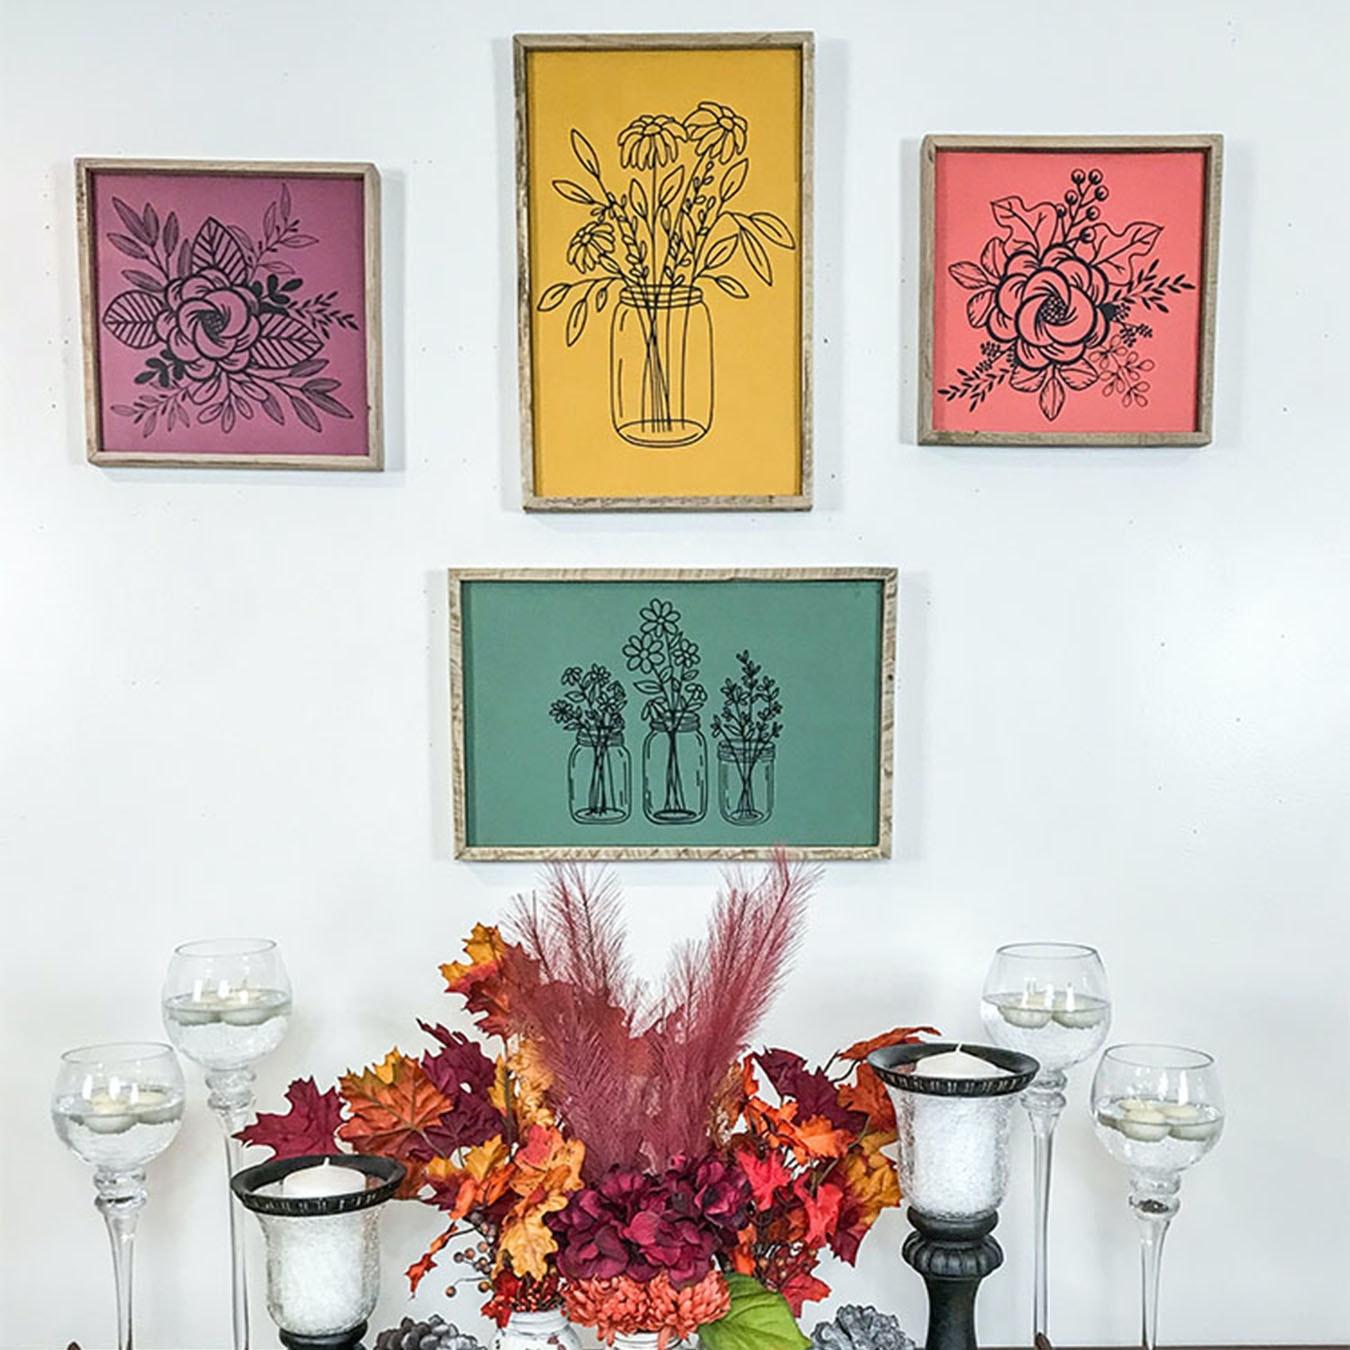 Floral Mason Jar Framed Wall Decor Green By Wawl Decor Fy